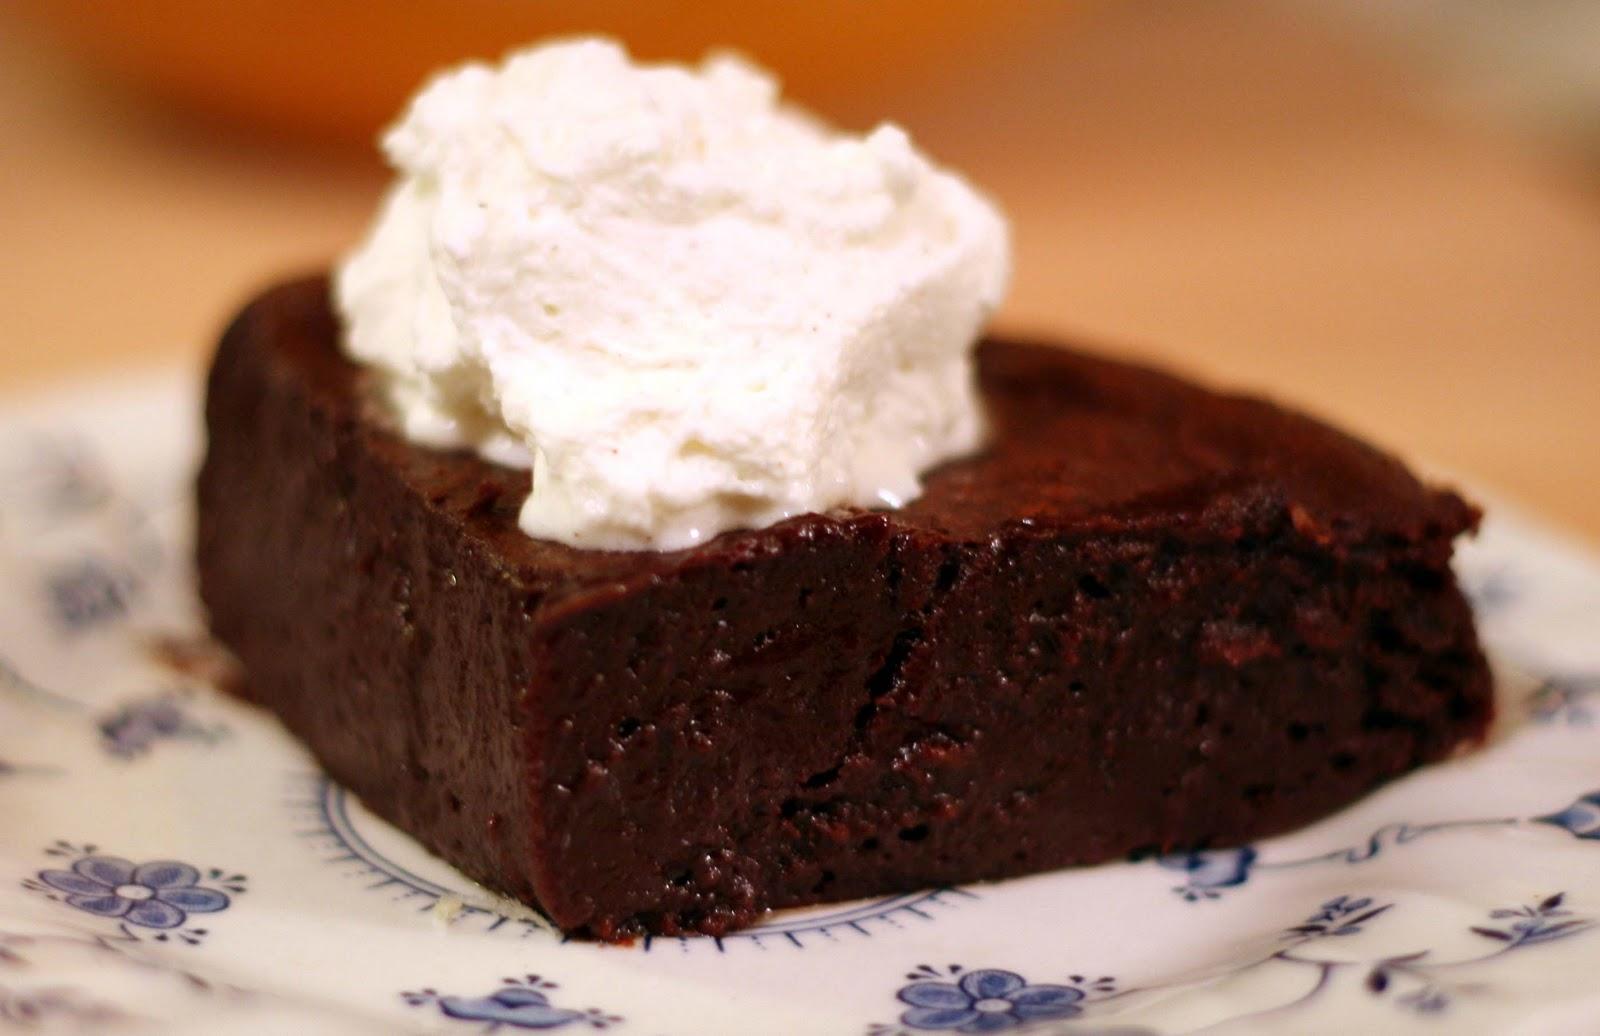 Boca negra bourbon chocolate cake recipe – Food ideas recipes